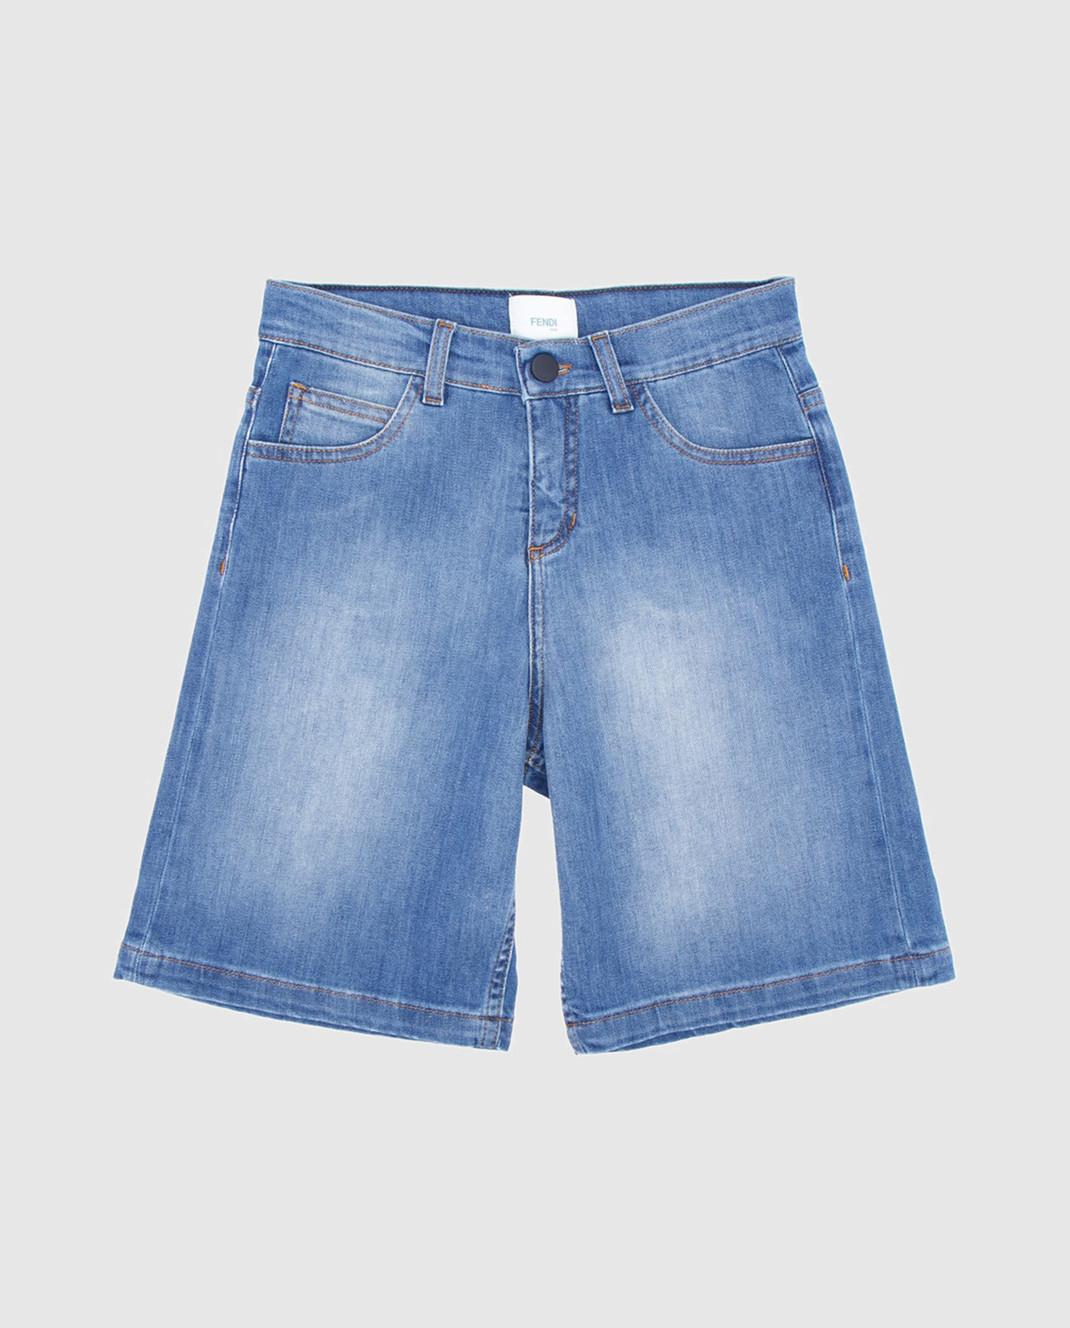 Fendi Детские голубые джинсовые шорты JMF1261012